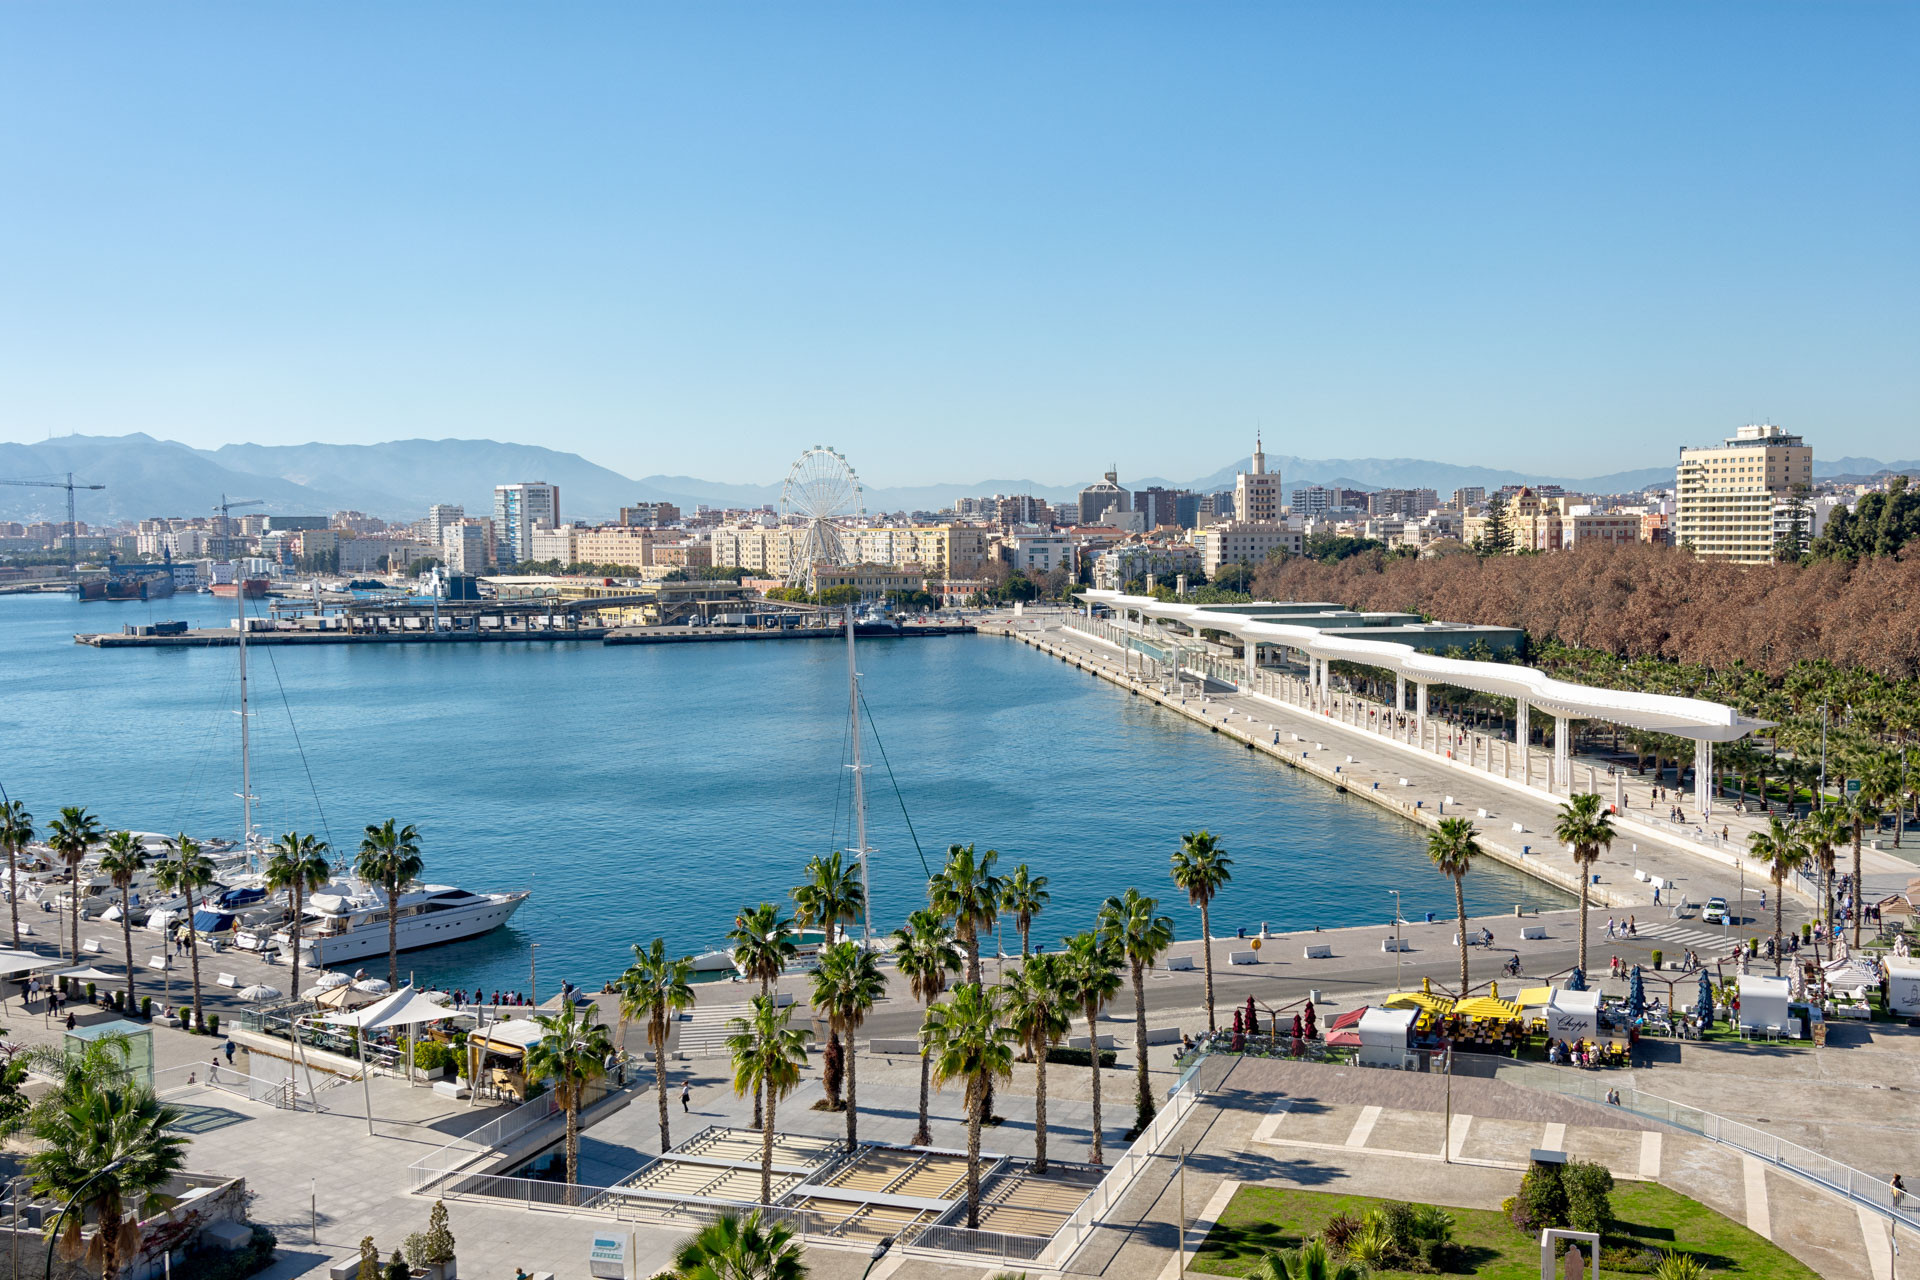 Ferielejlighed med fantastisk udsigt over Muelle Uno i Malaga